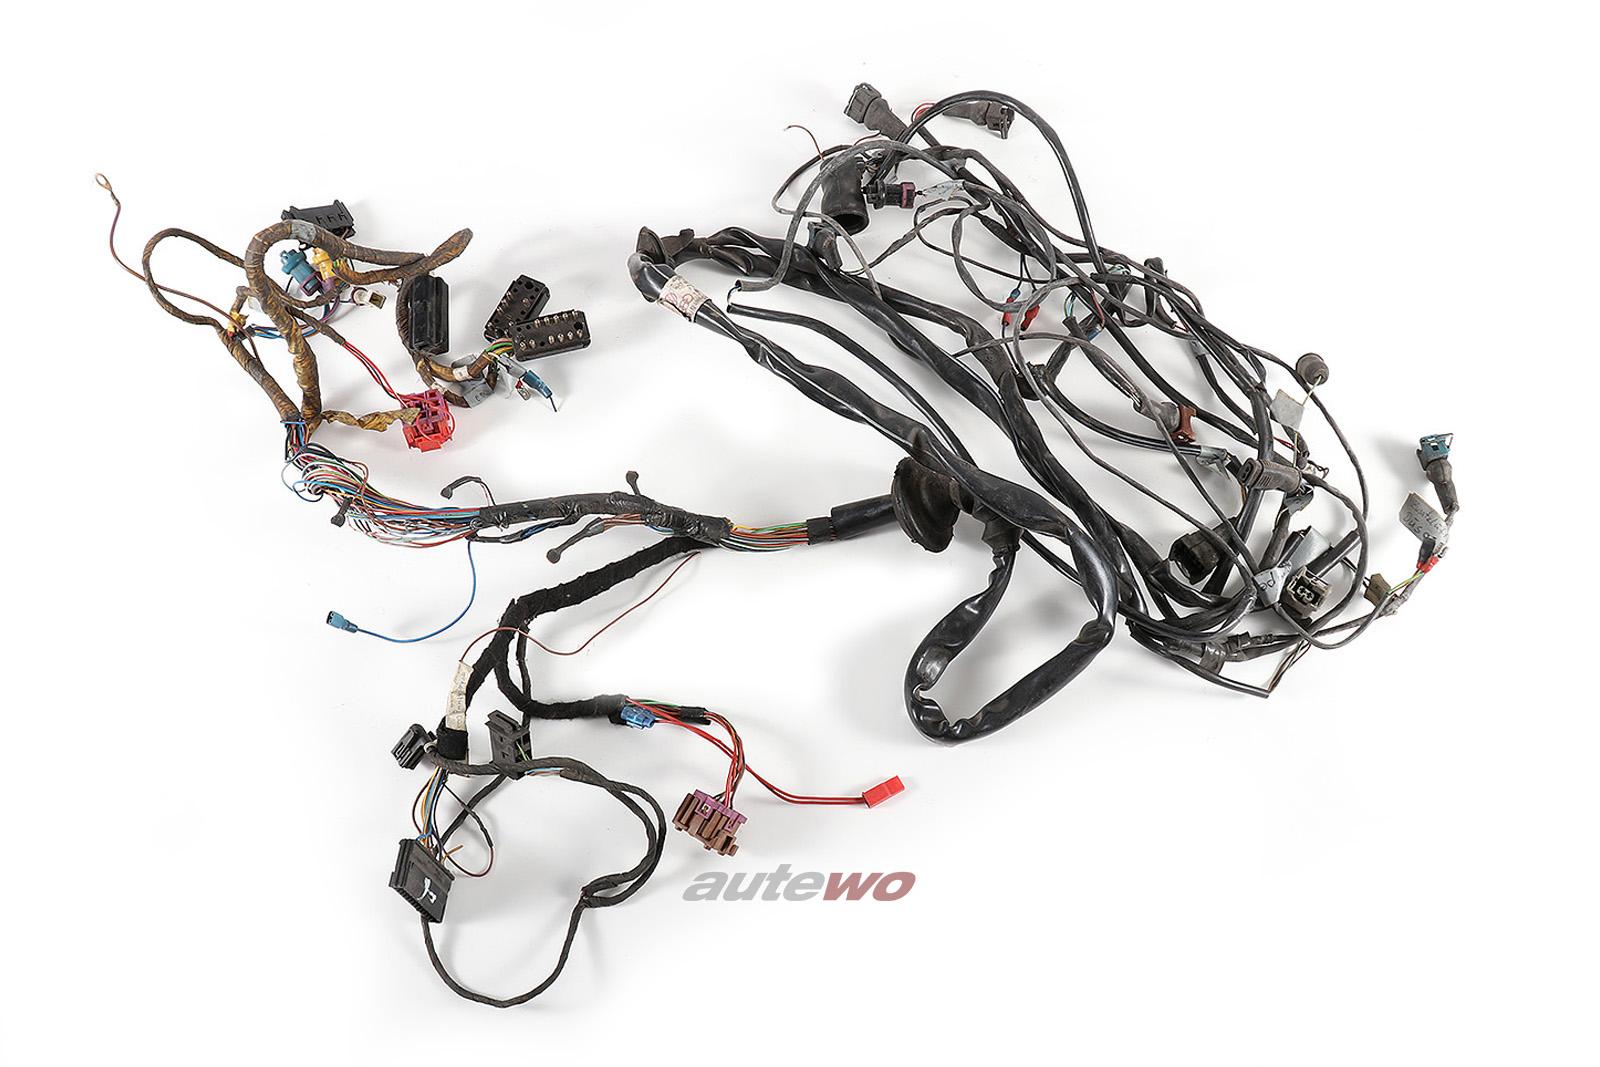 447971072BS Audi 200 Typ 44 2.2l 5 Zylinder 10V Turbo KG/JY Motorkabelbaum